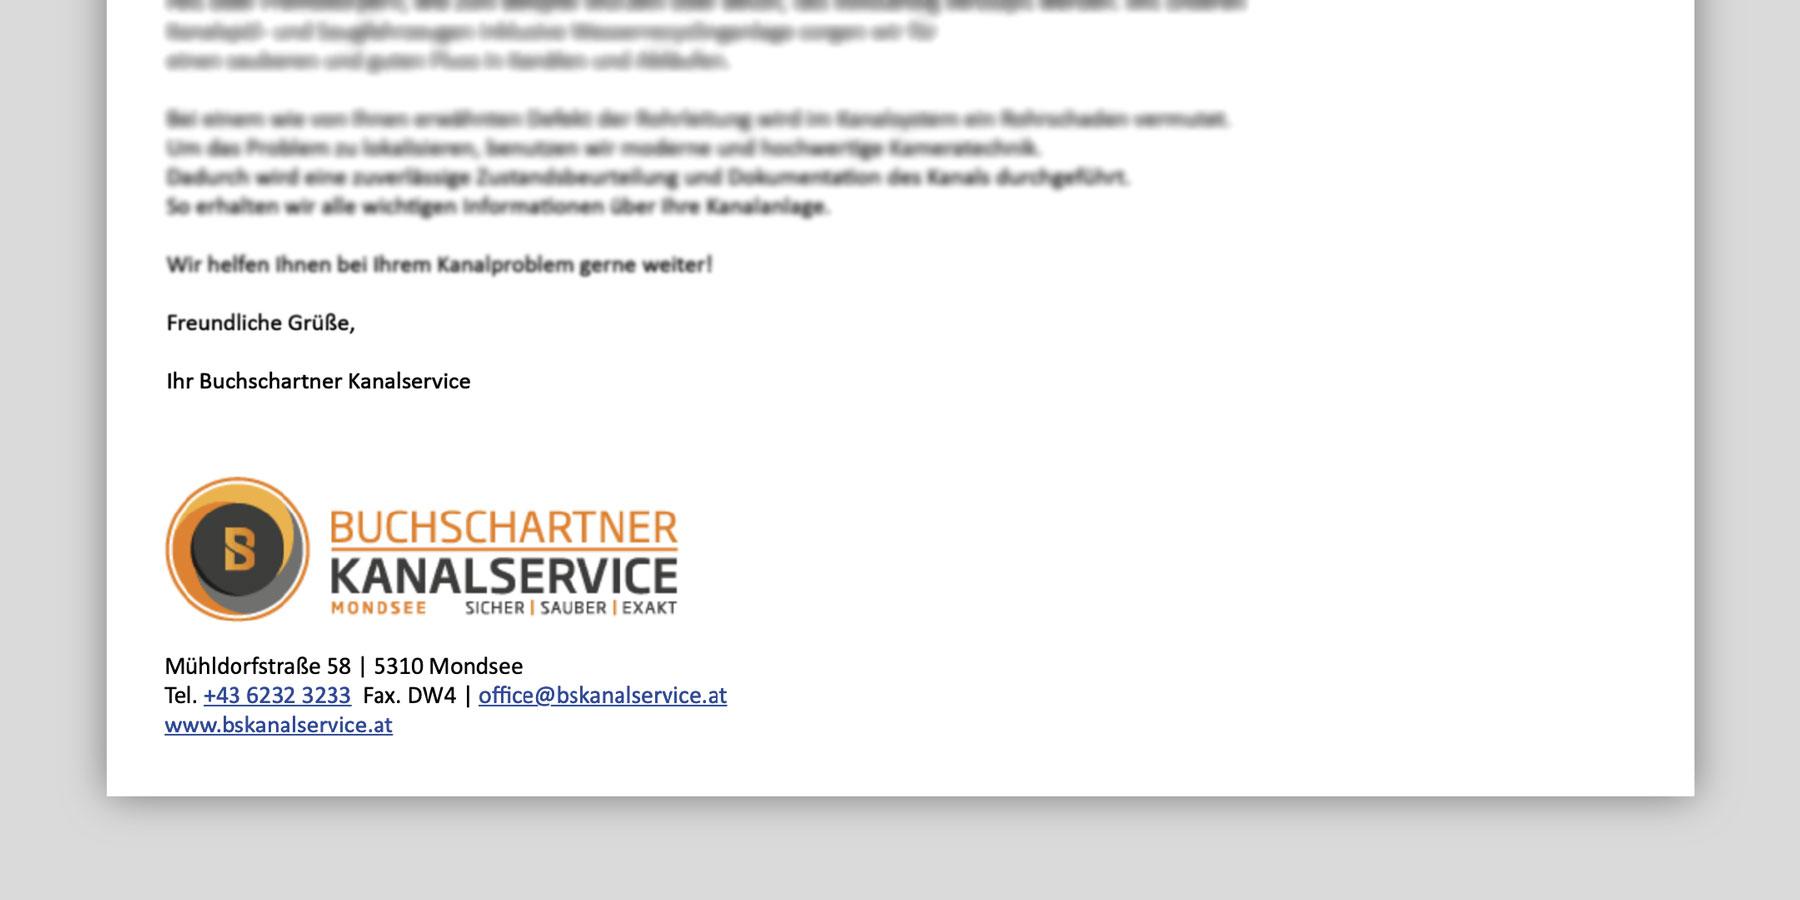 E-Mail Signatur Buchschartner Kanalservice